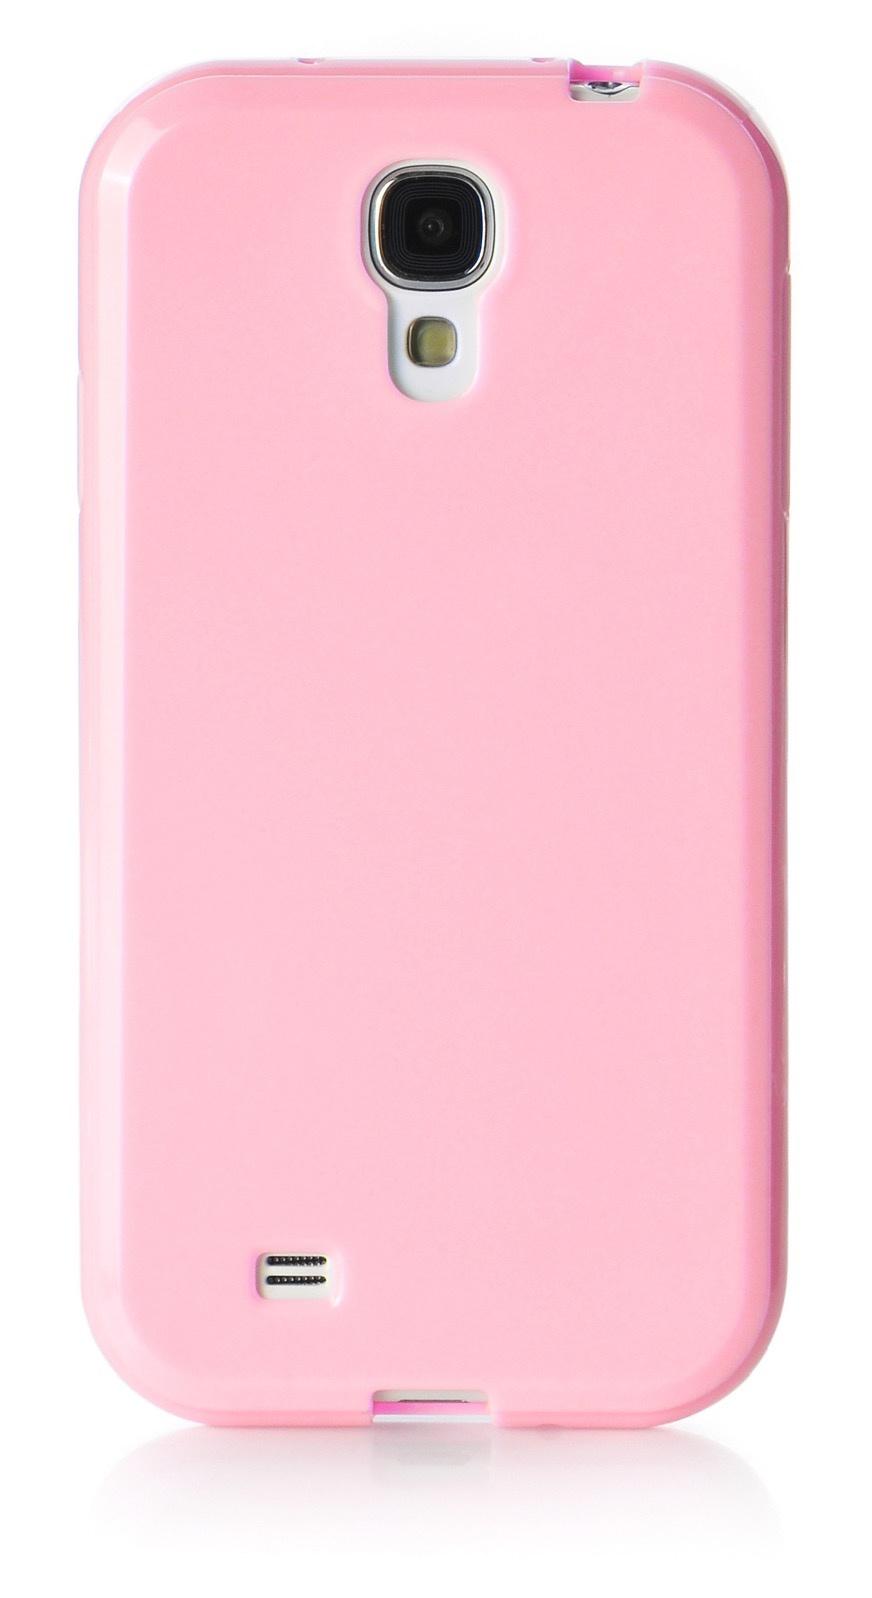 Чехол для сотового телефона iNeez накладка силикон мыльница 480087 для Samsung Galaxy S4 mini, розовый